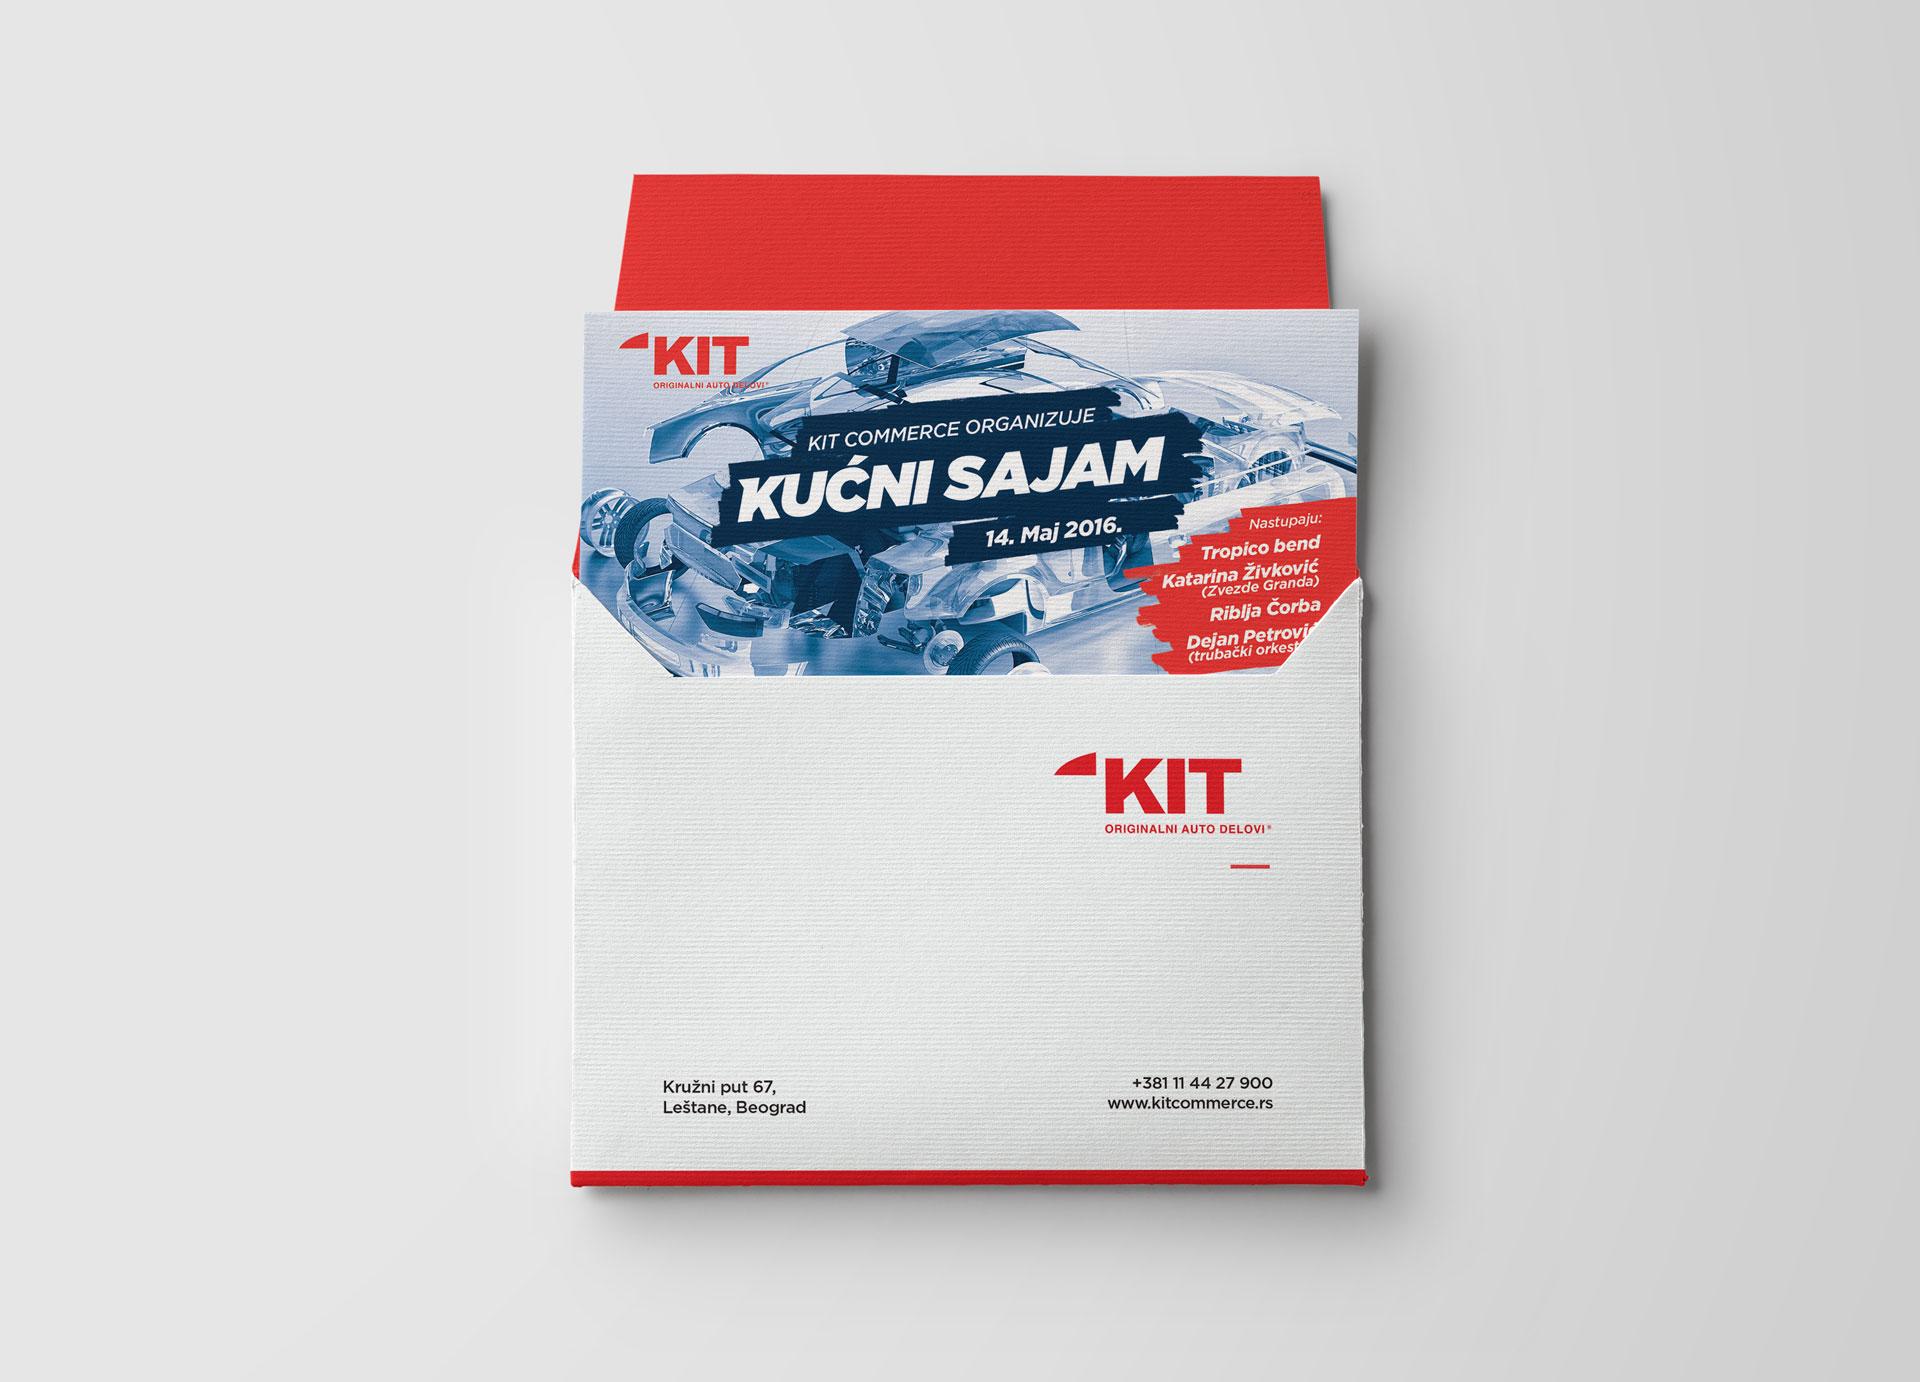 Dizajn pozivnice za proslavu desetogodišnjeg jubileja kompanije KIT Commerce